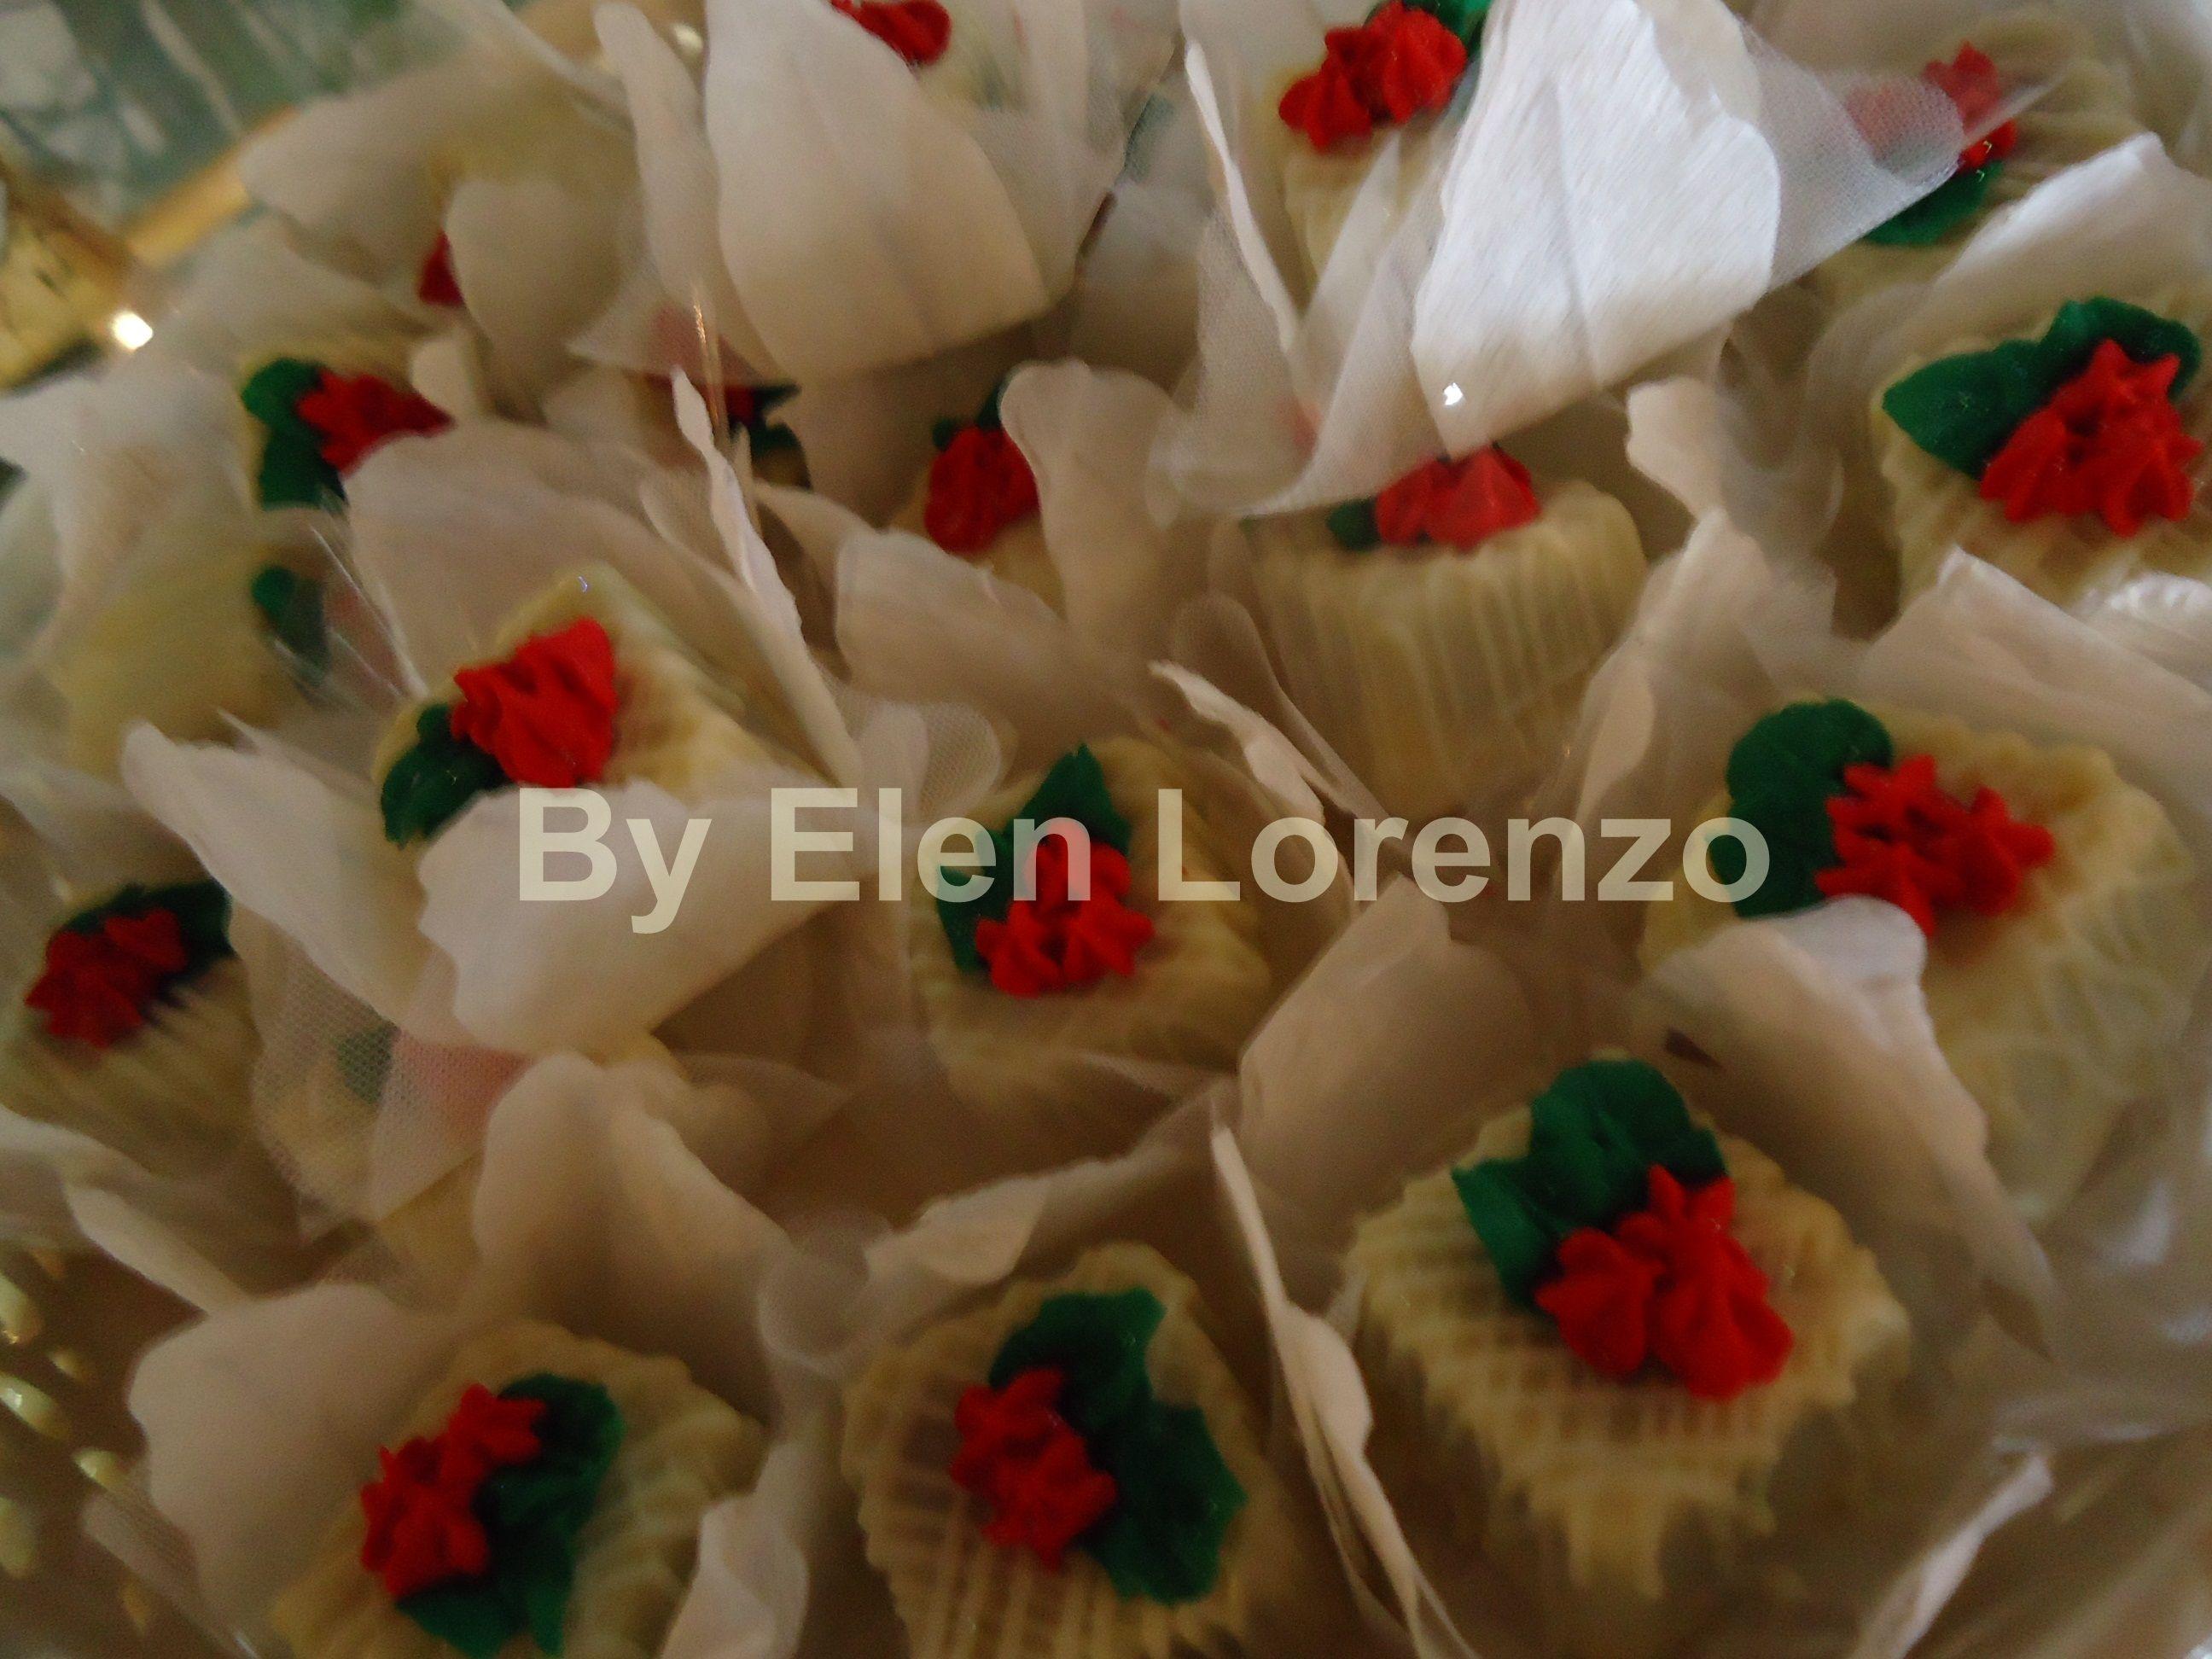 Bombom de chocolate decorado com flores em glacê.